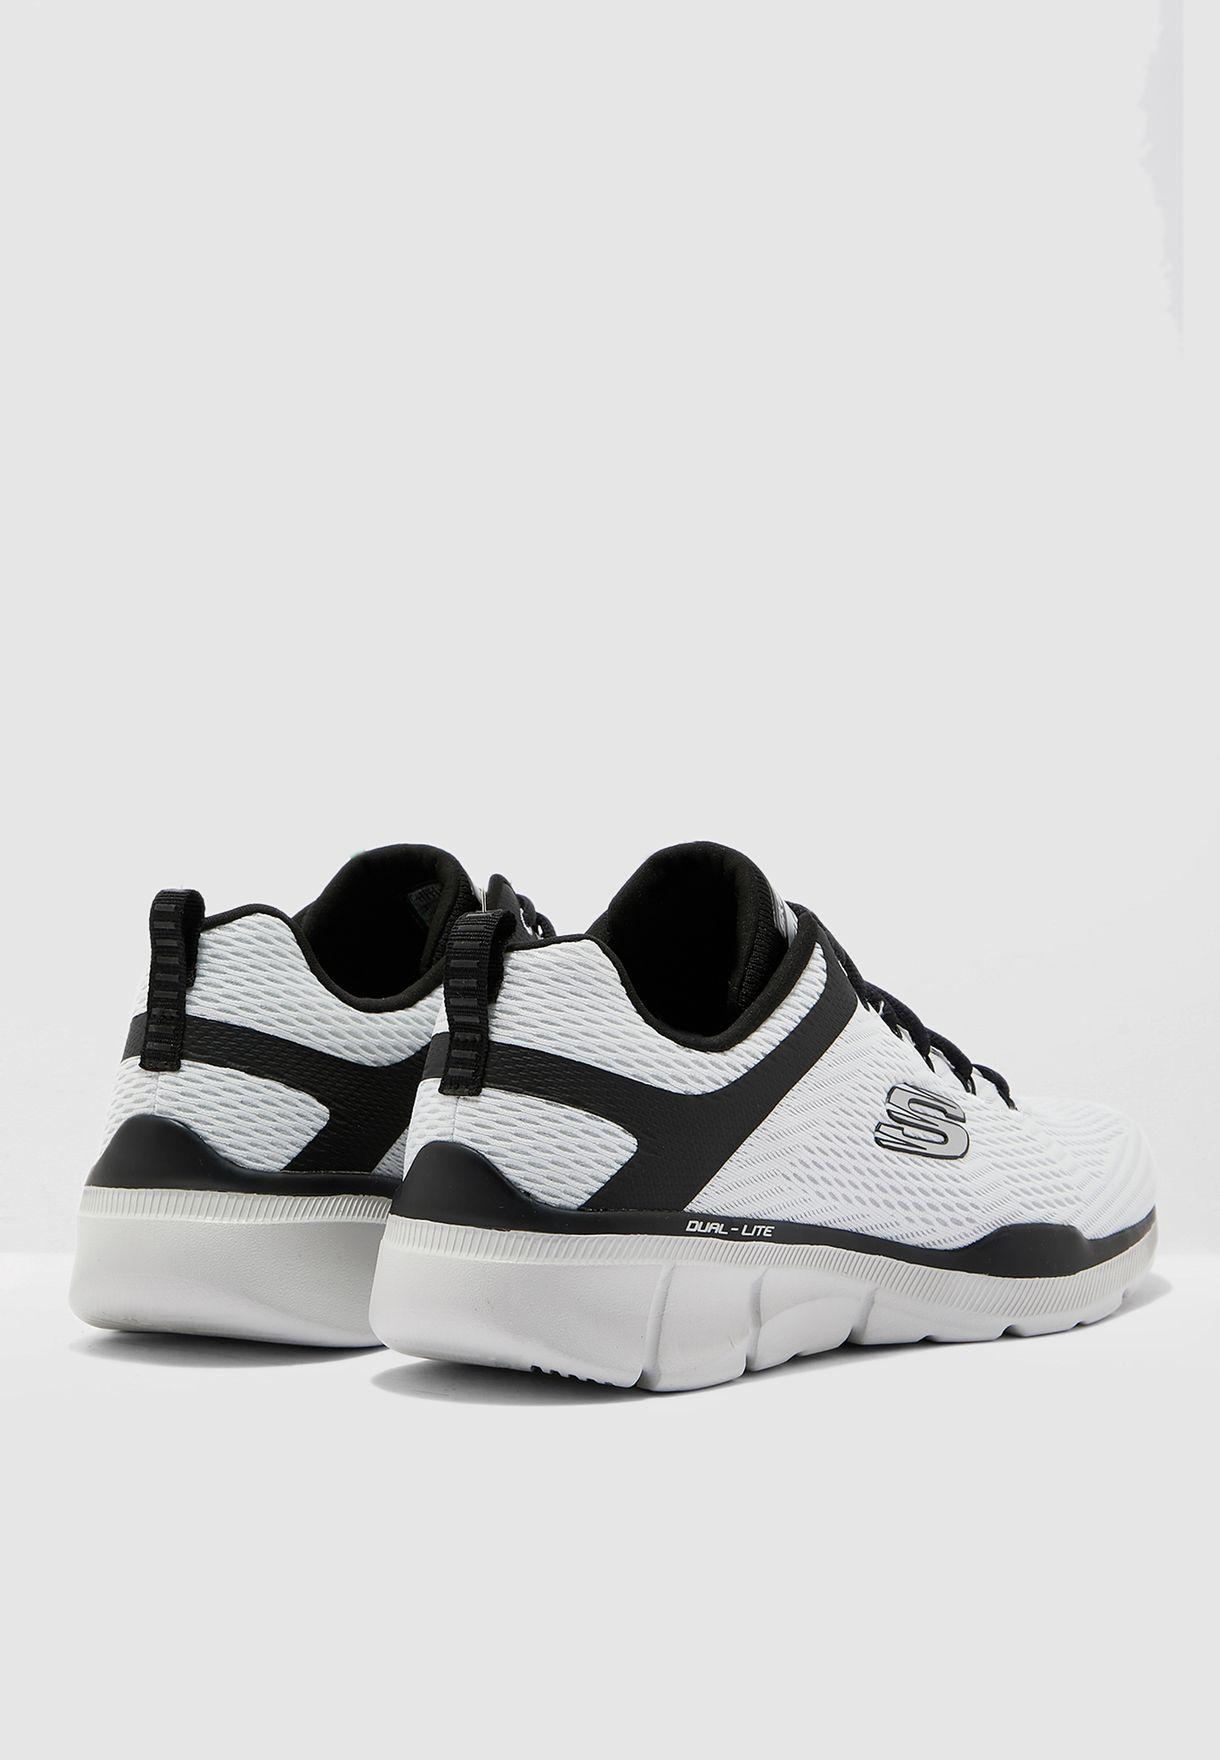 bba8dd875 تسوق حذاء اكوليزر 3.0 ماركة سكيتشرز لون أبيض 52927-WBK في عمان ...